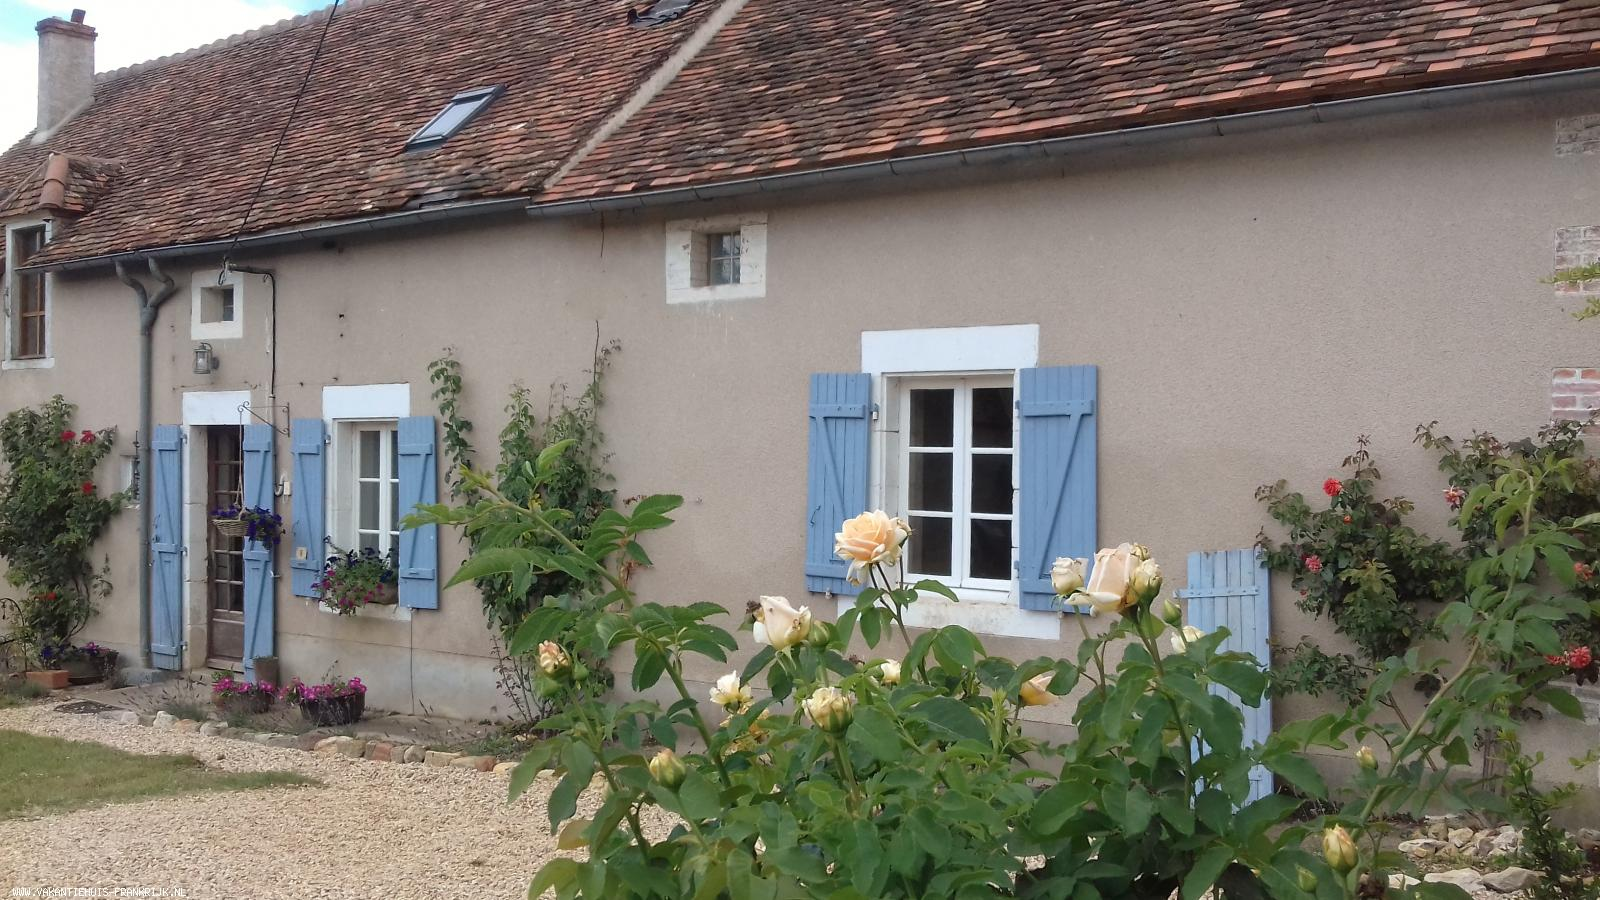 Vakantiehuis: Authentiek vakantiehuis op het Franse platteland te huur voor uw vakantie in Vienne (Frankrijk)